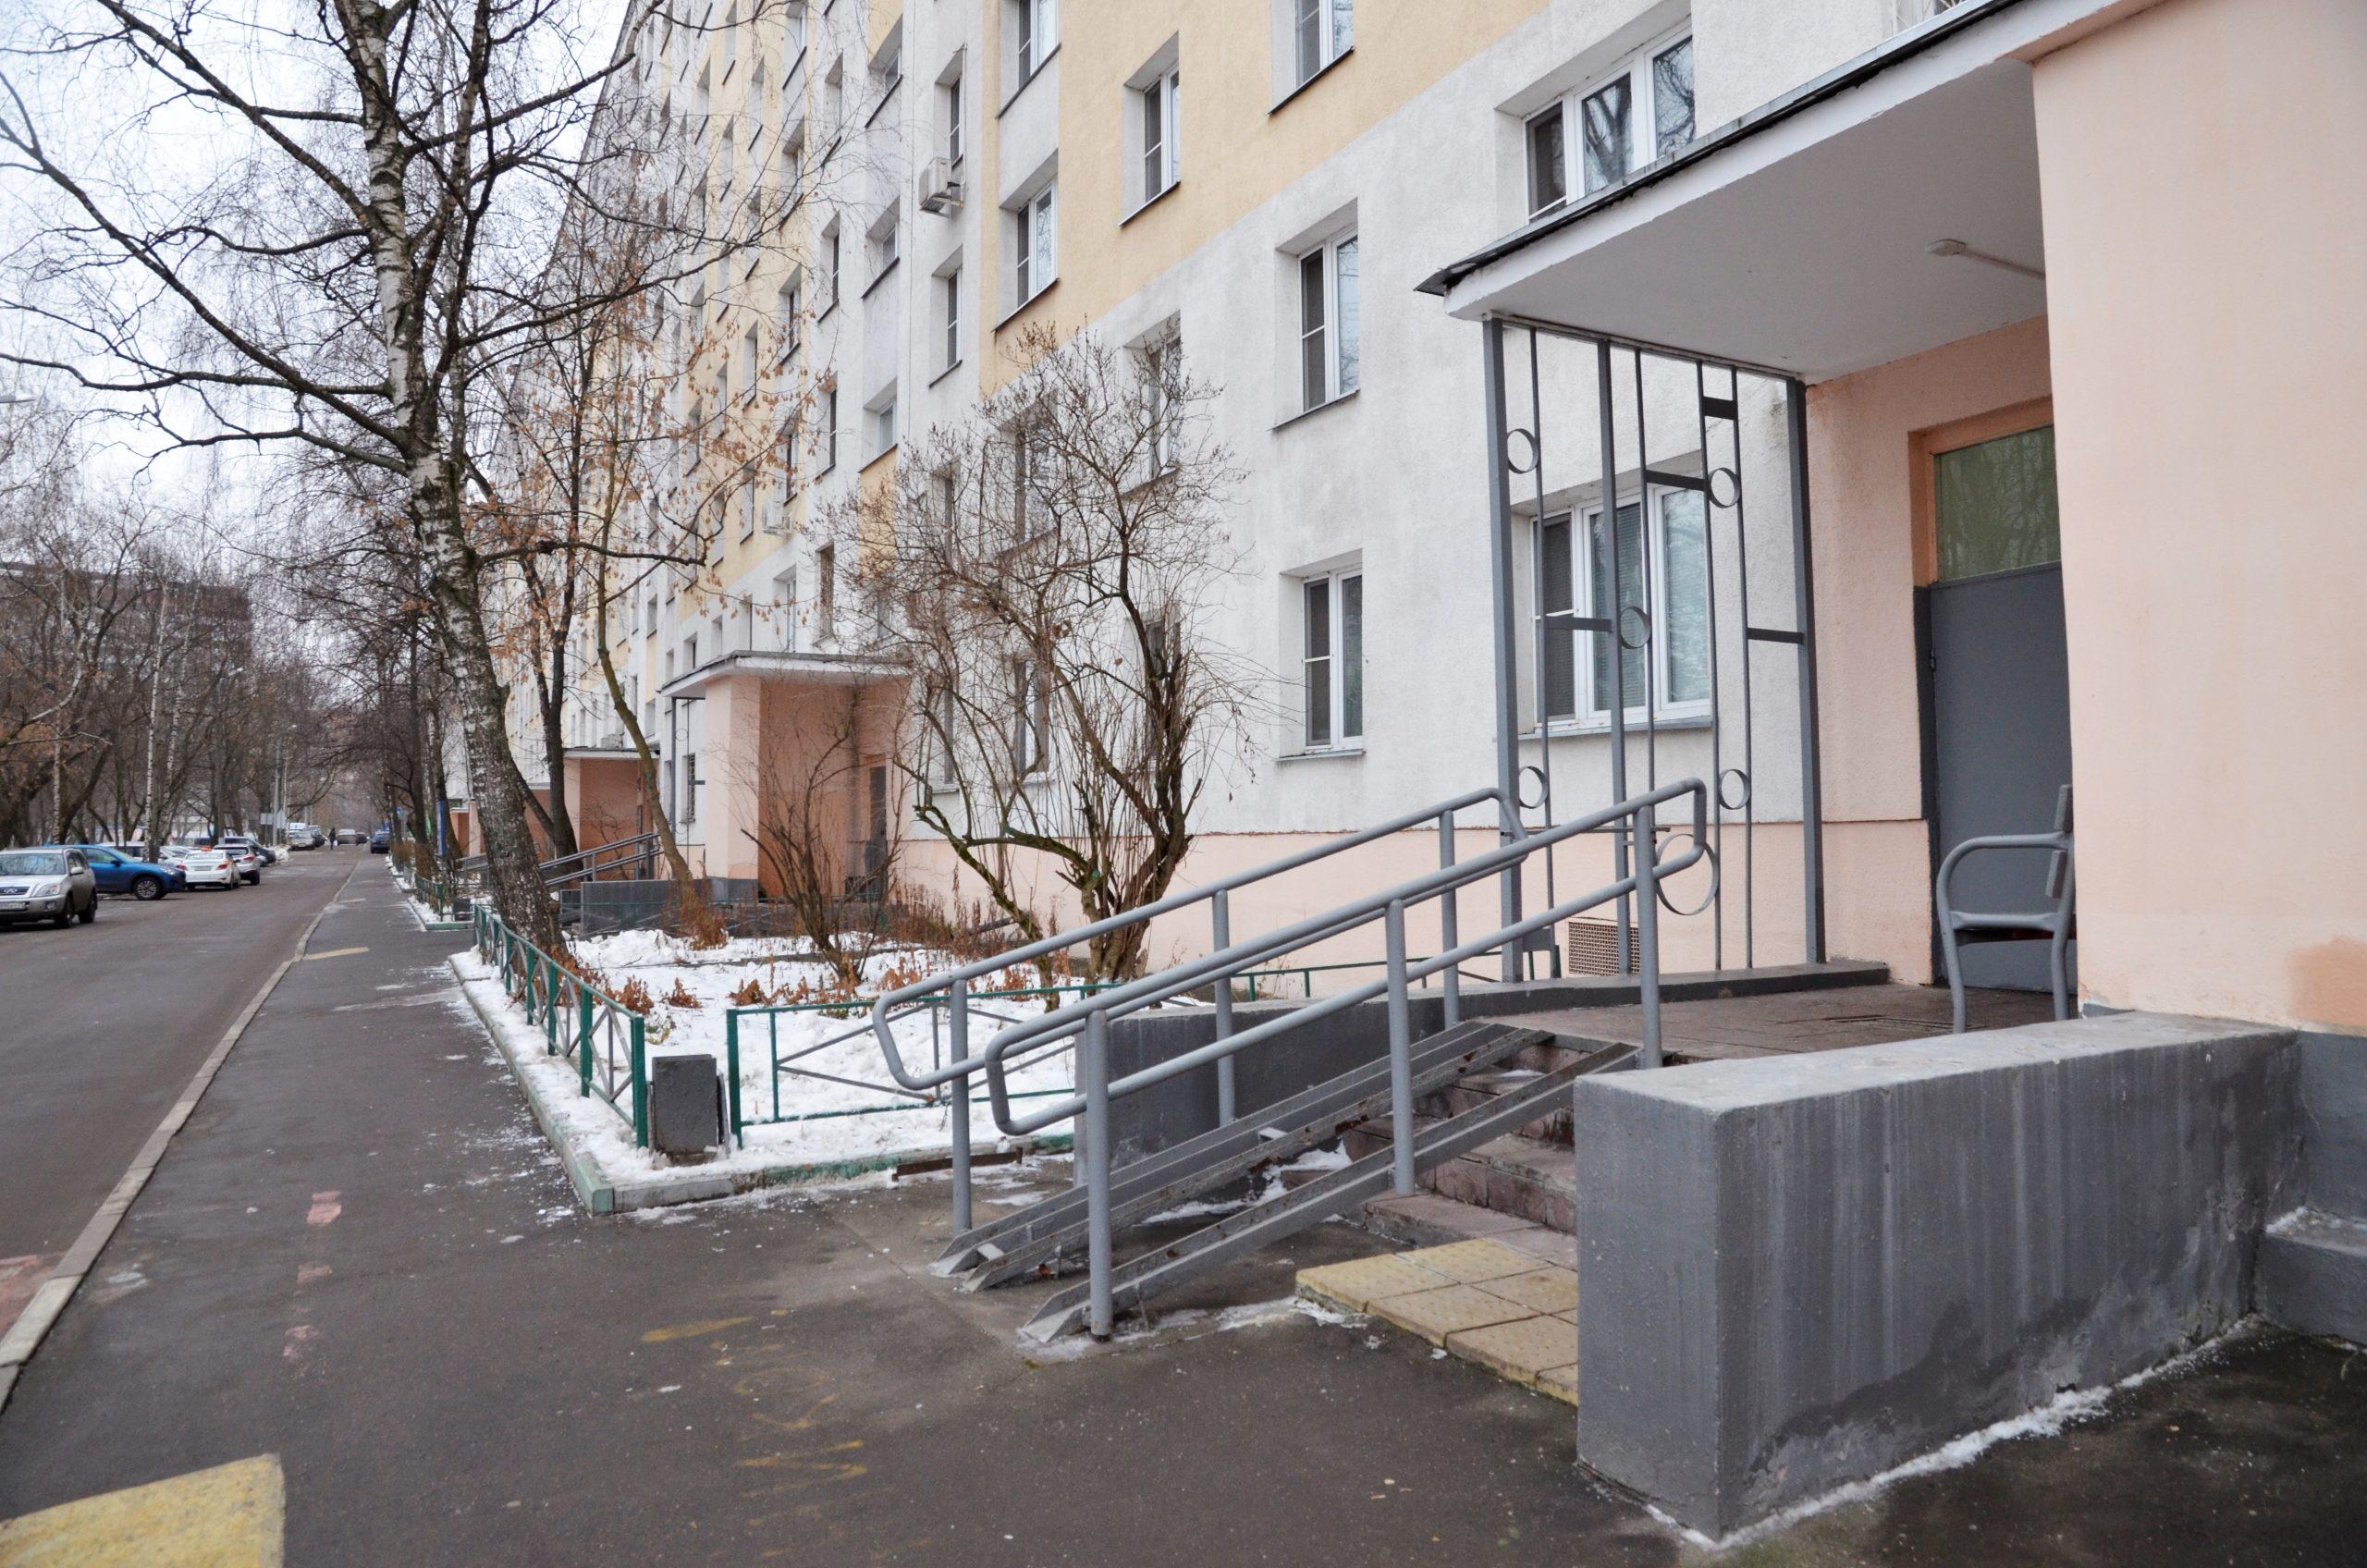 Ремонтные работы завершили в одном из многоквартирных домов поселения Новофедоровское